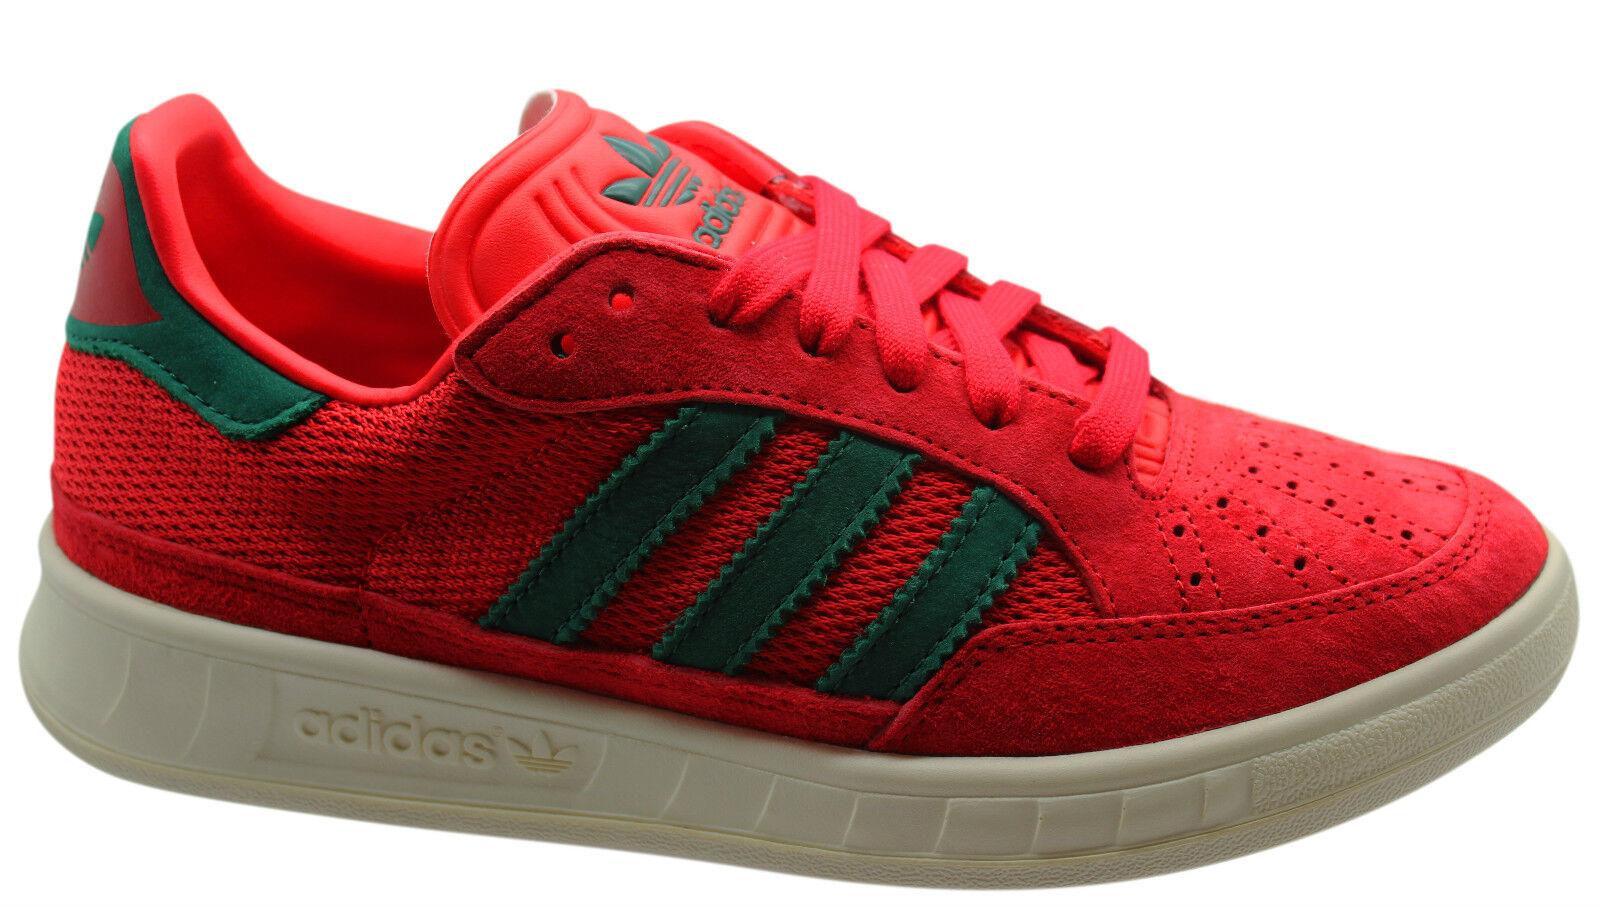 Adidas Originals Suisse Para Hombre De formadores Zapatos  Unisex De Hombre Cuero Rojo m17208 D67 f47641